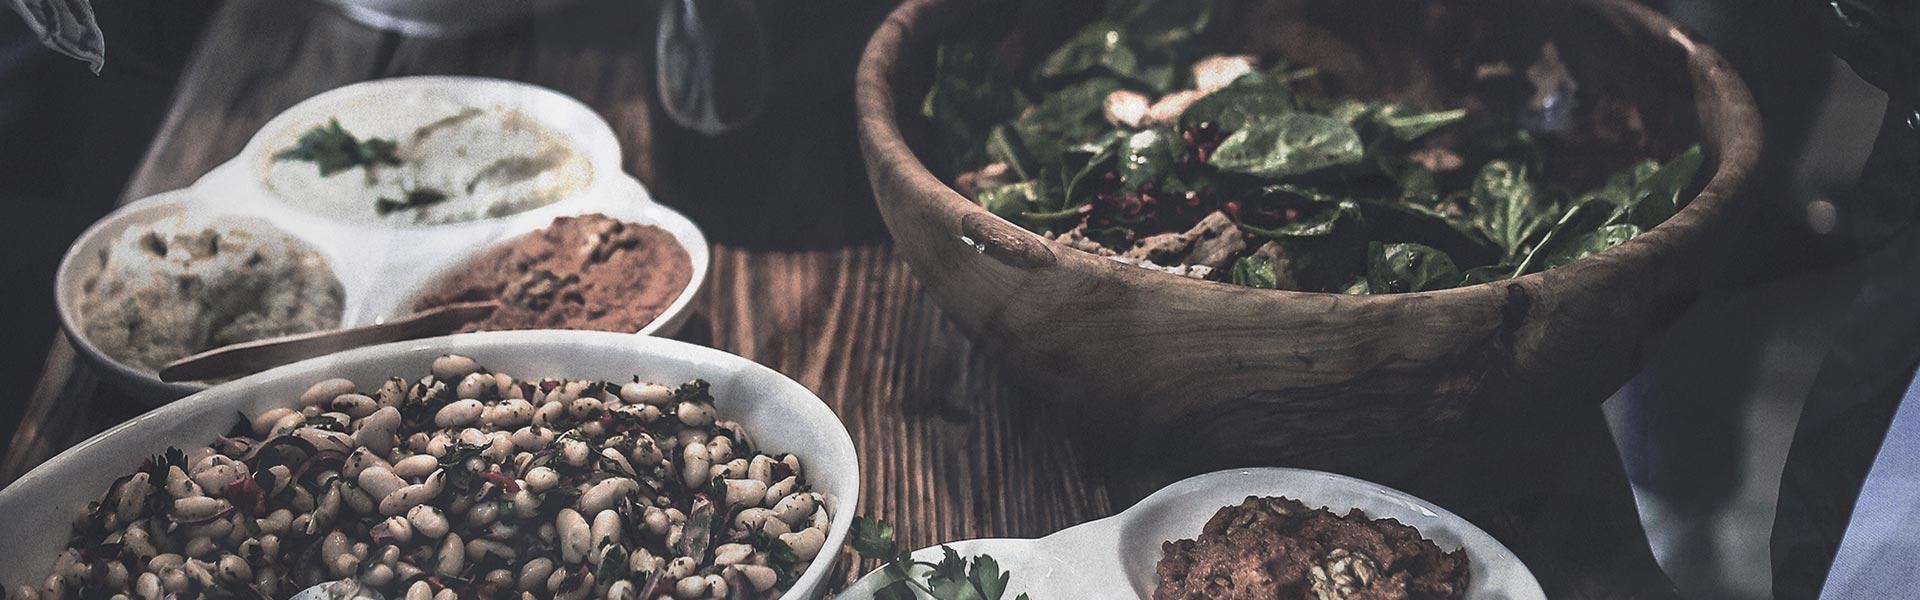 David Daper - Urban Gastronomy